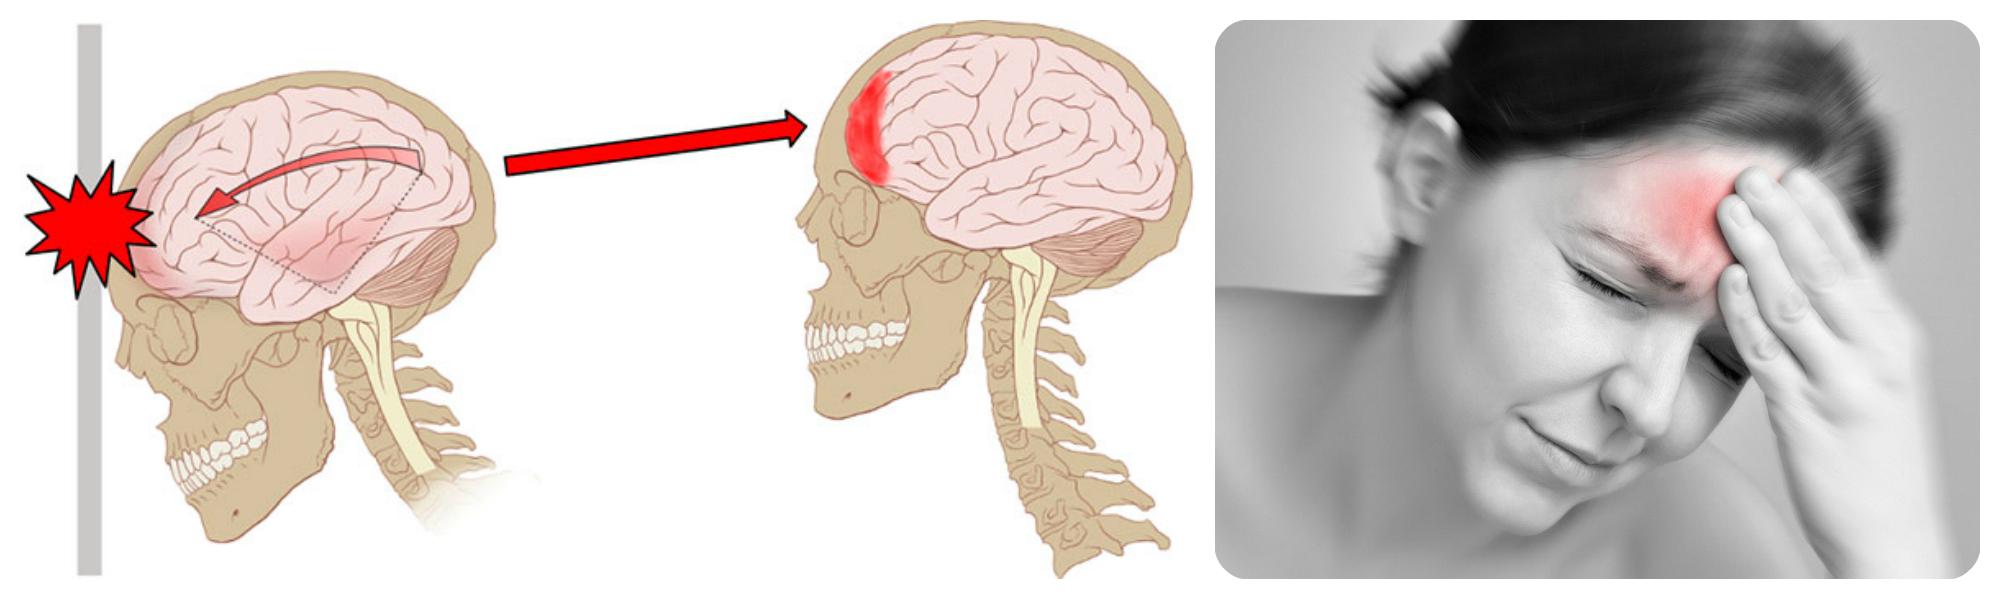 Тяжесть в голове после сотрясения мозга